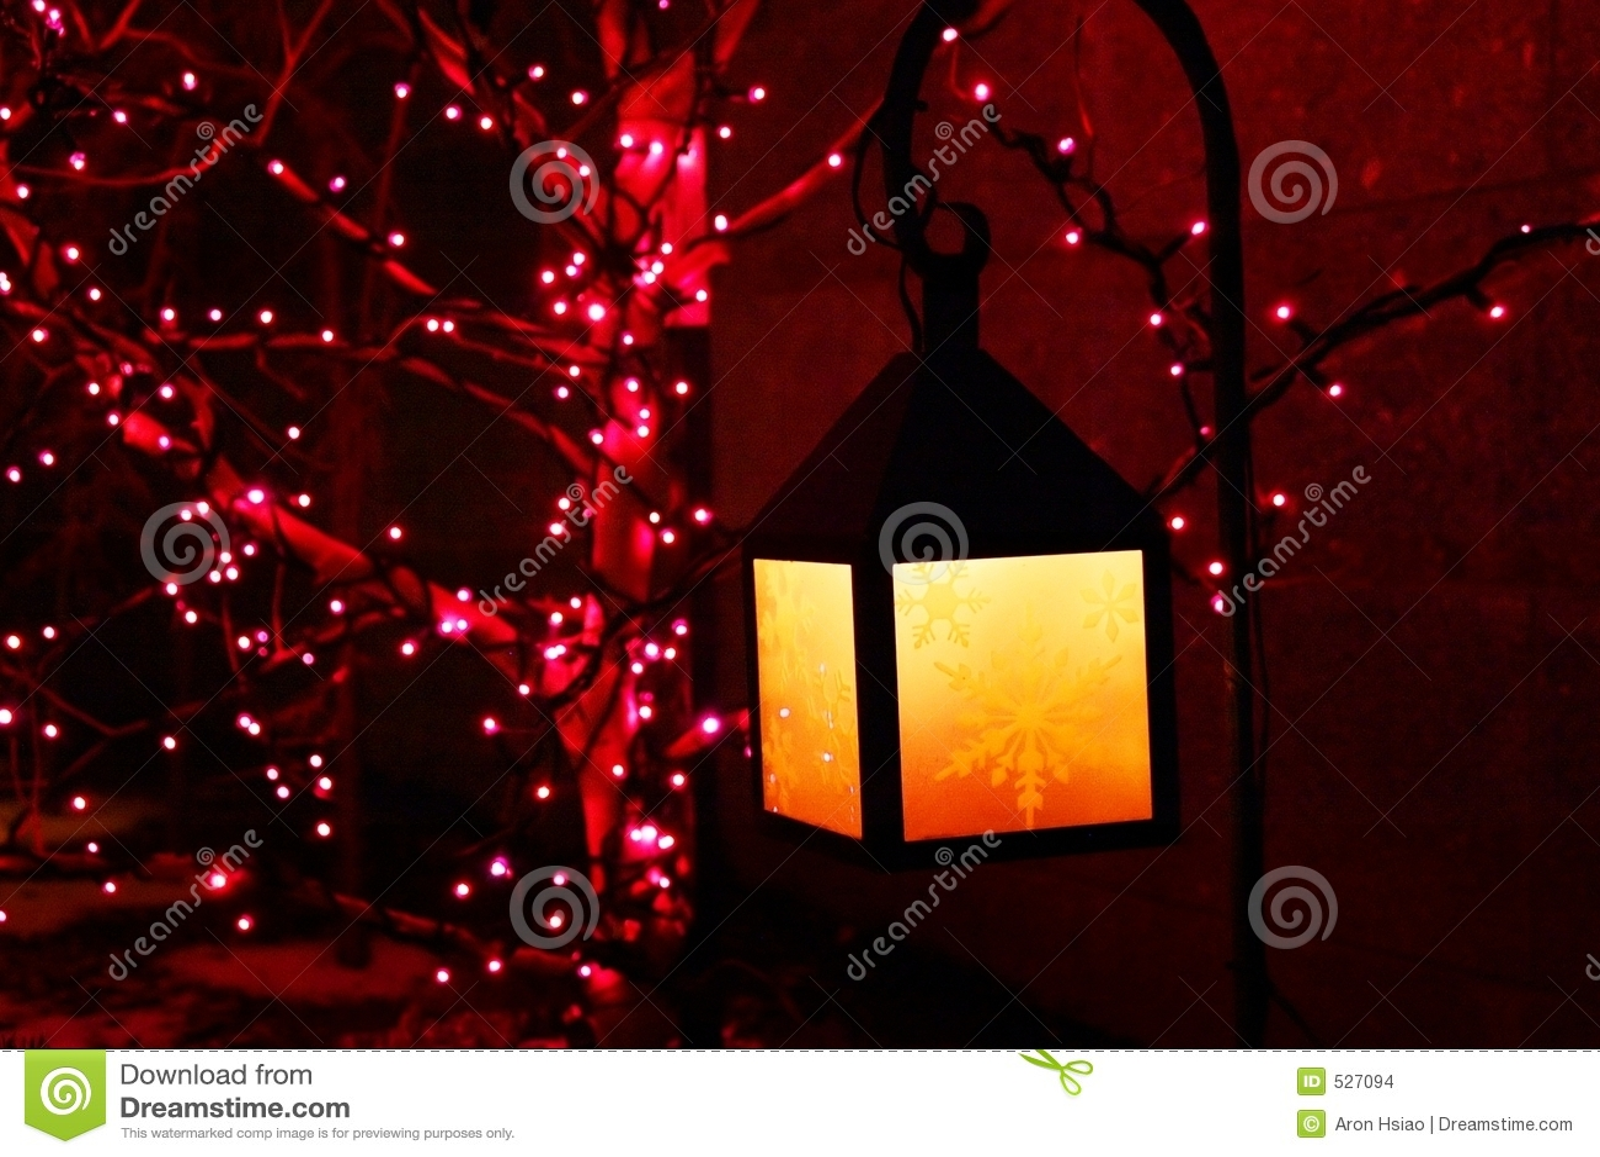 Download 装饰节假日紫色黄色 库存照片. 图片 包括有 夜间, 紫色, 黑暗, 焕发, 季节, 冬天, 黄昏, 芳香, 黄色 - 527094